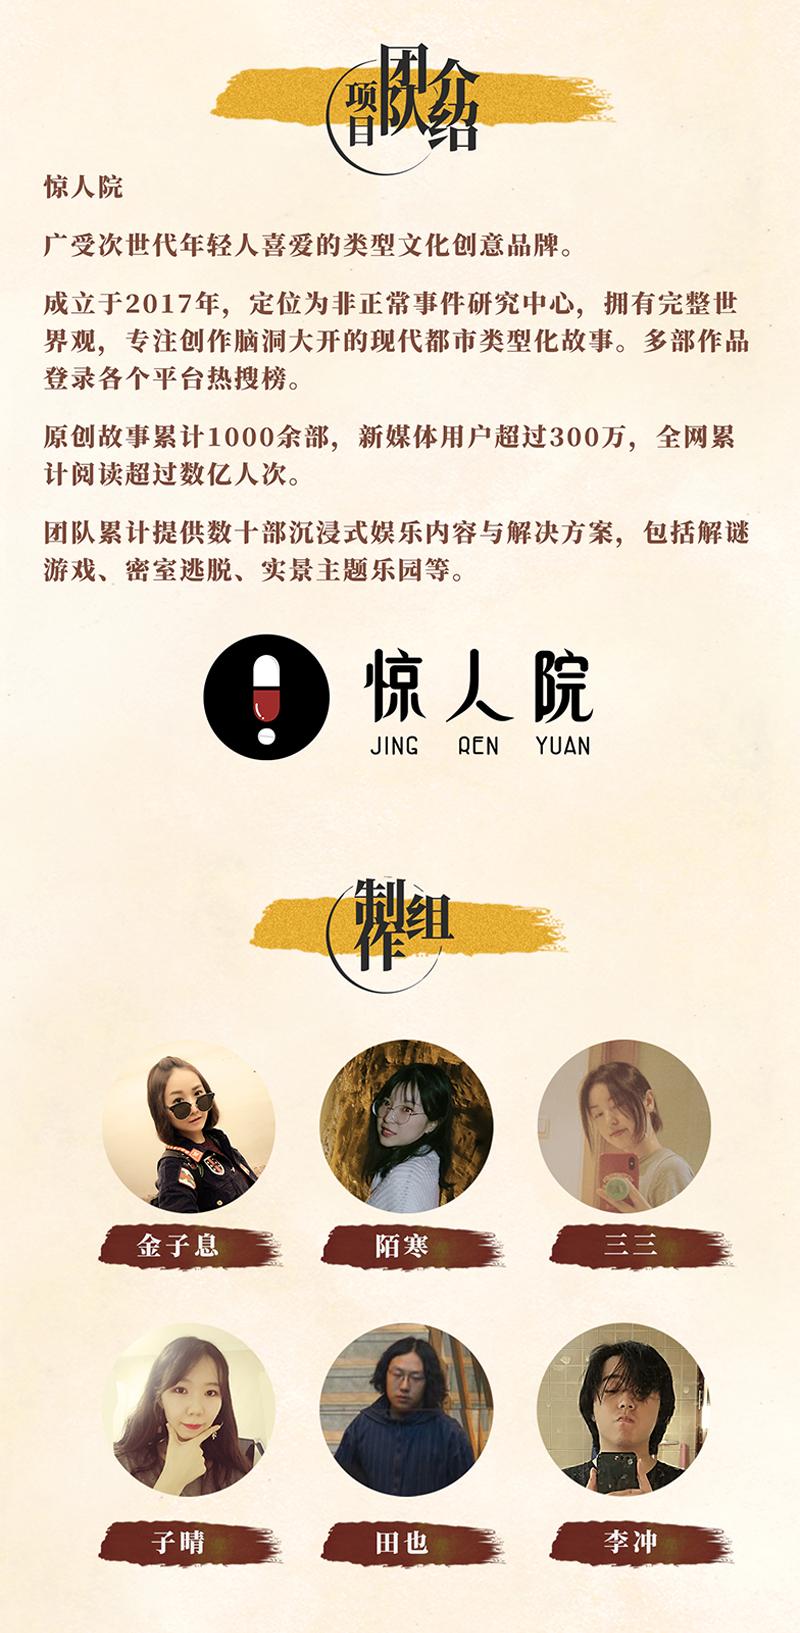 兰亭众筹0522-18.jpg